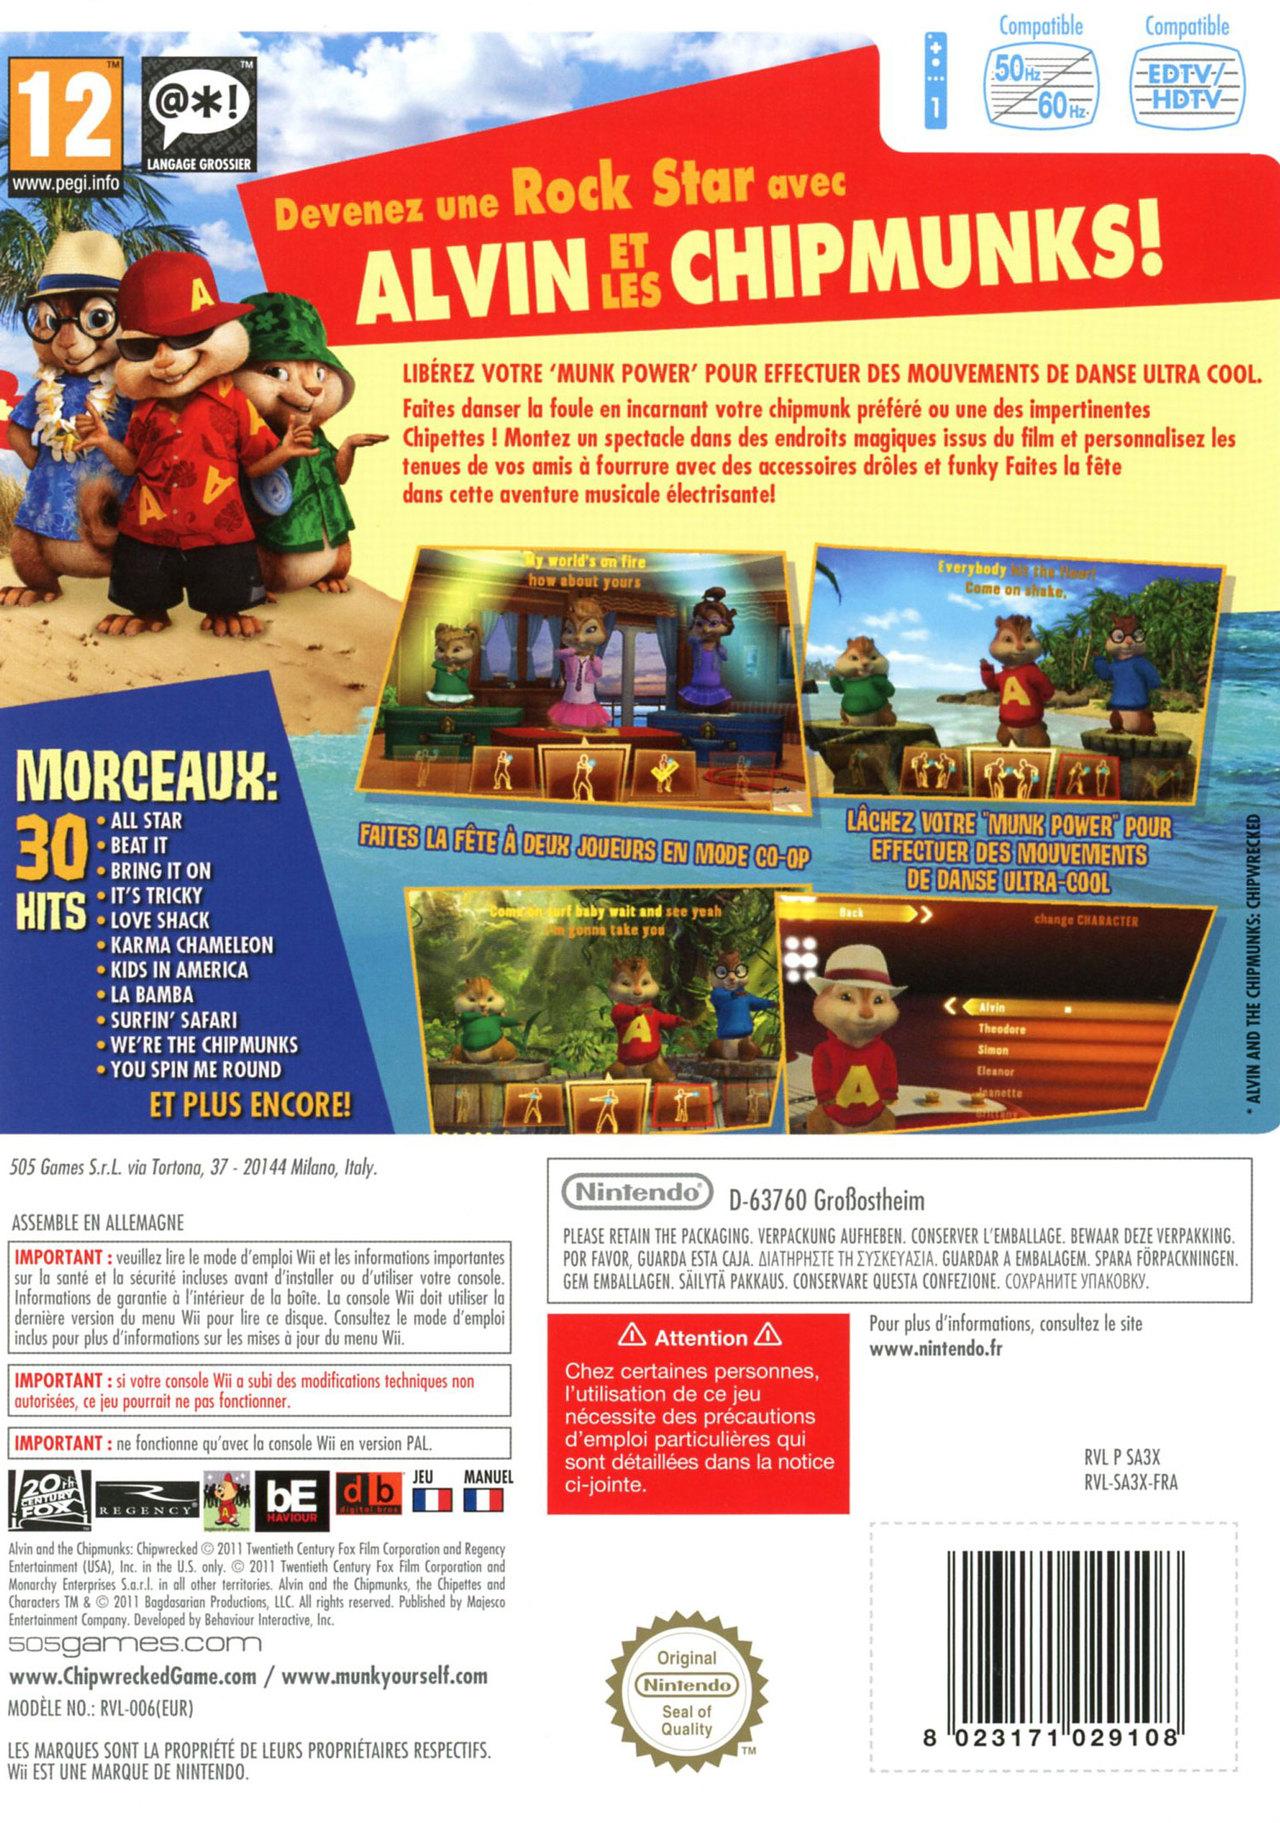 jeuxvideo.com Alvin et les Chipmunks 3 - Wii Image 2 sur 88